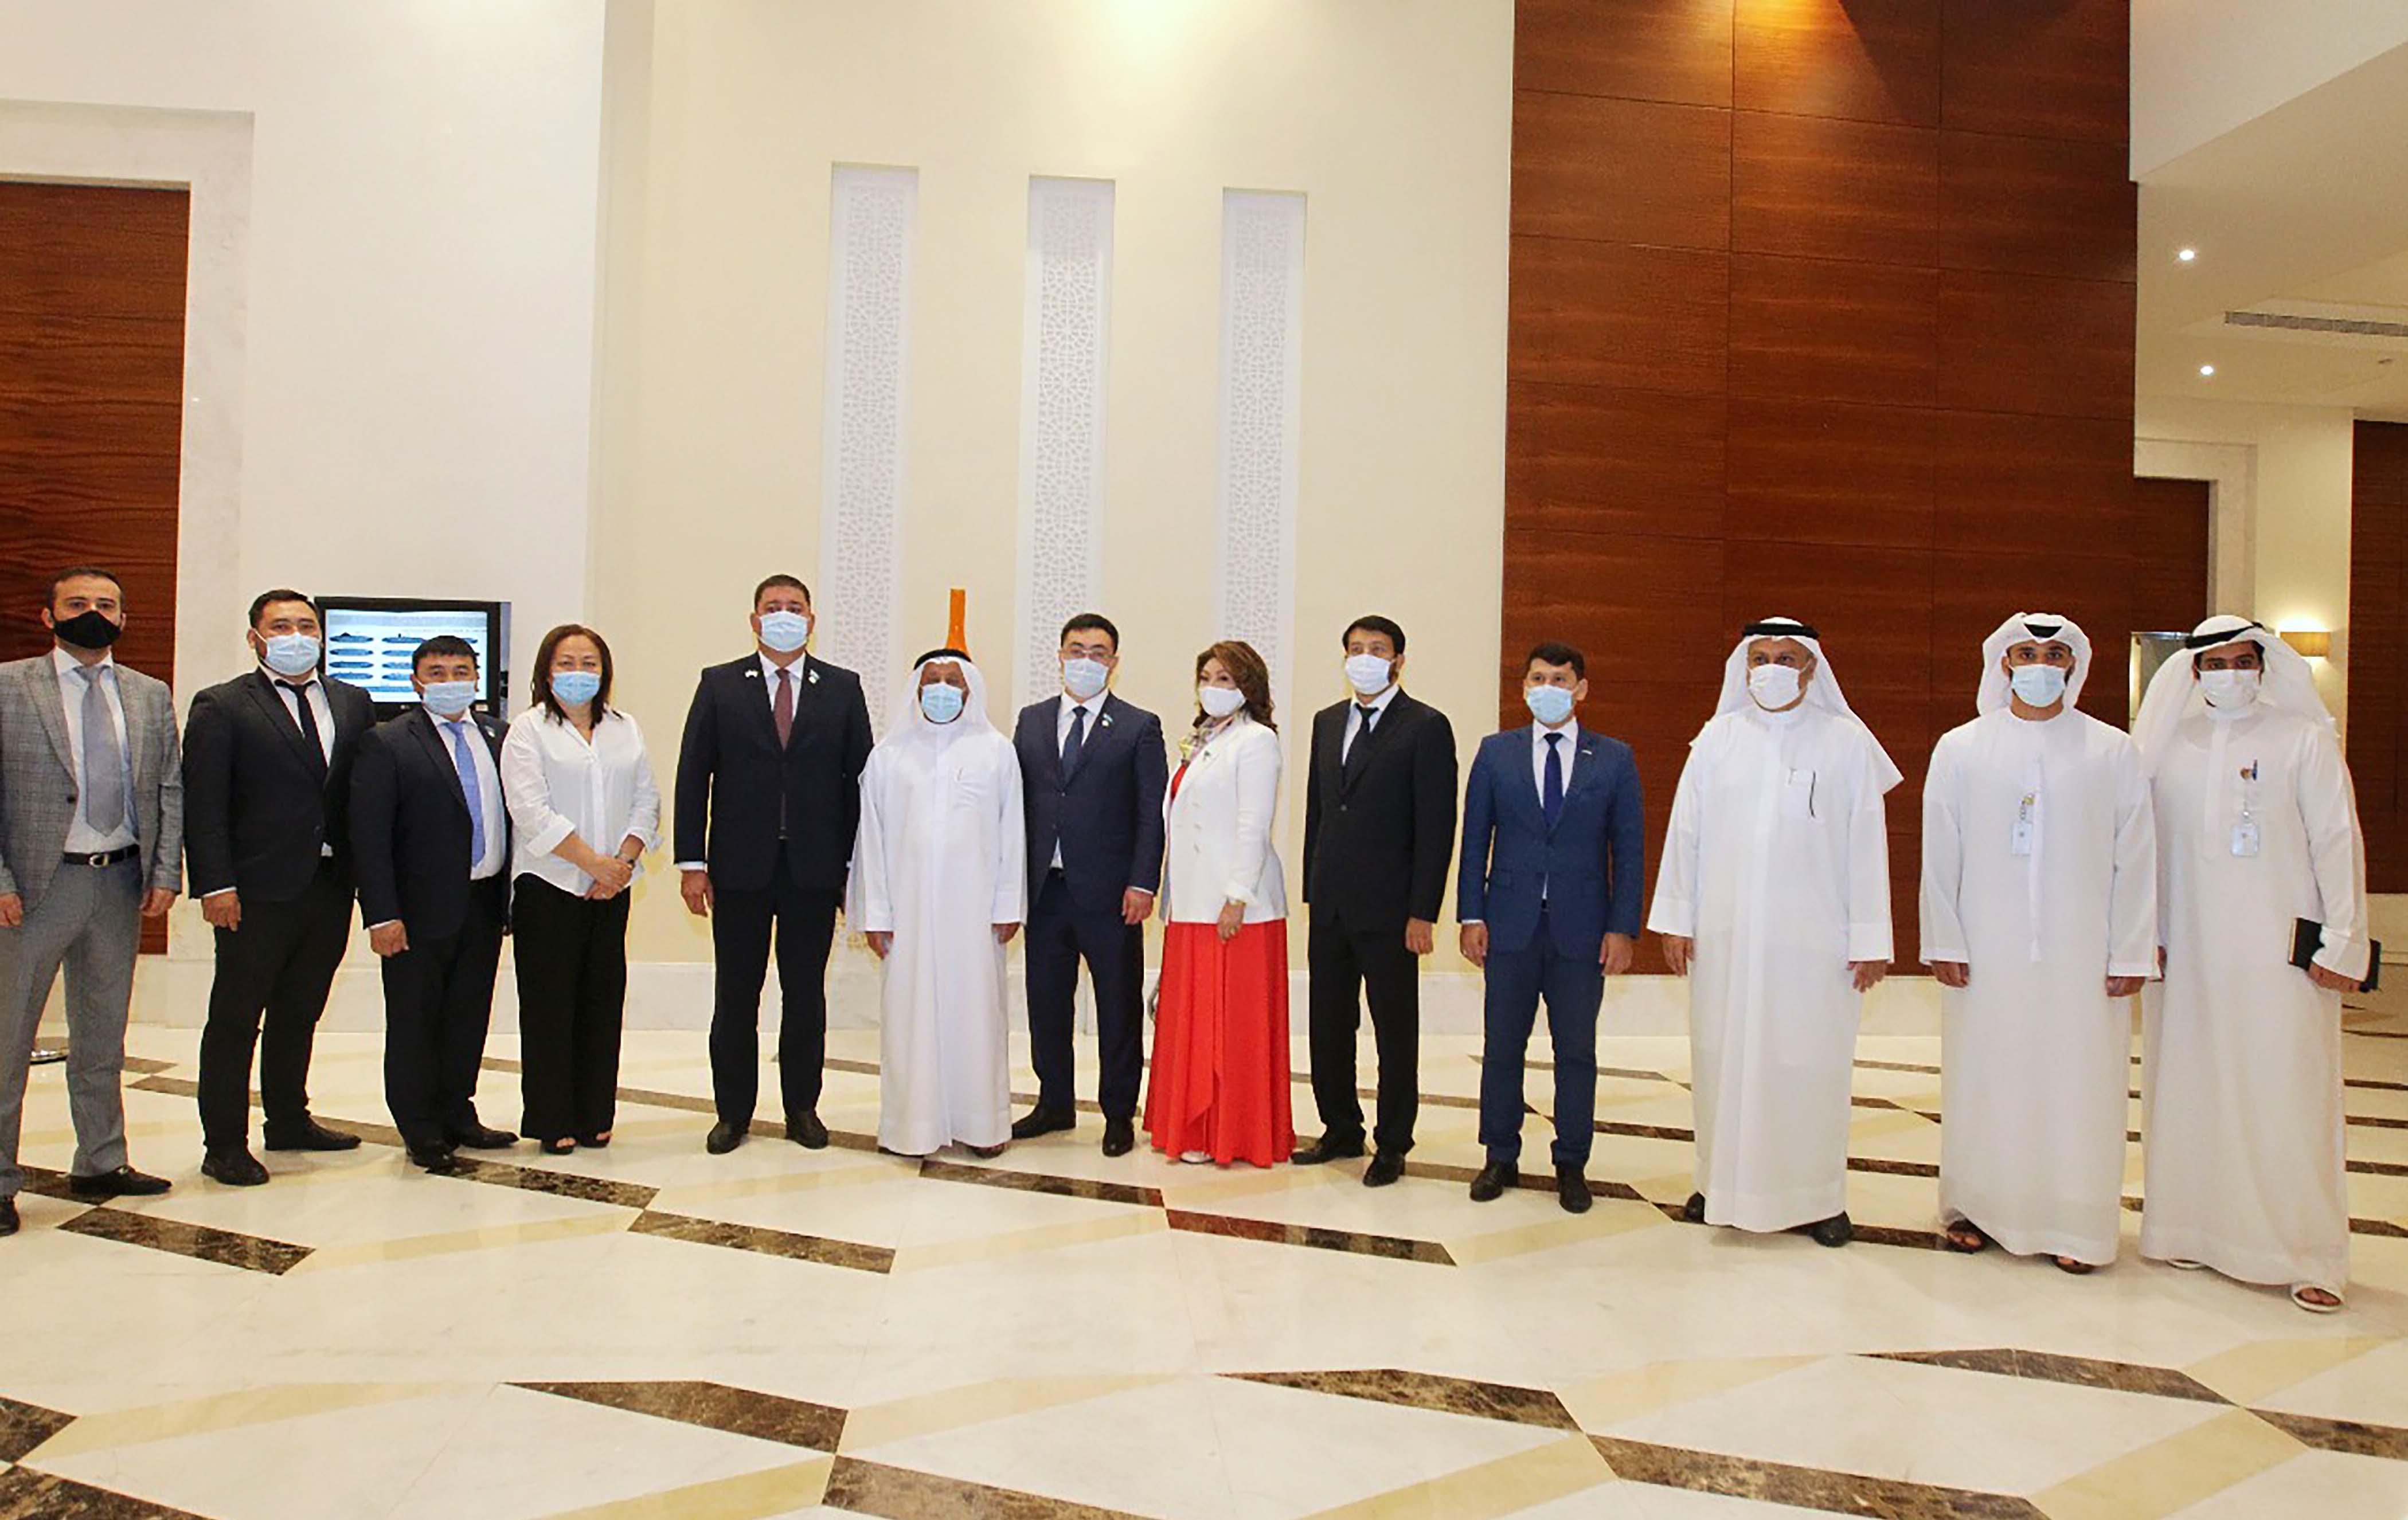 """""""غرفة الشارقة"""" تبحث مع كازاخستان الفرص الاستثمارية الواعدة في السياحة والزراعة ومختلف القطاعات الاقتصادية"""